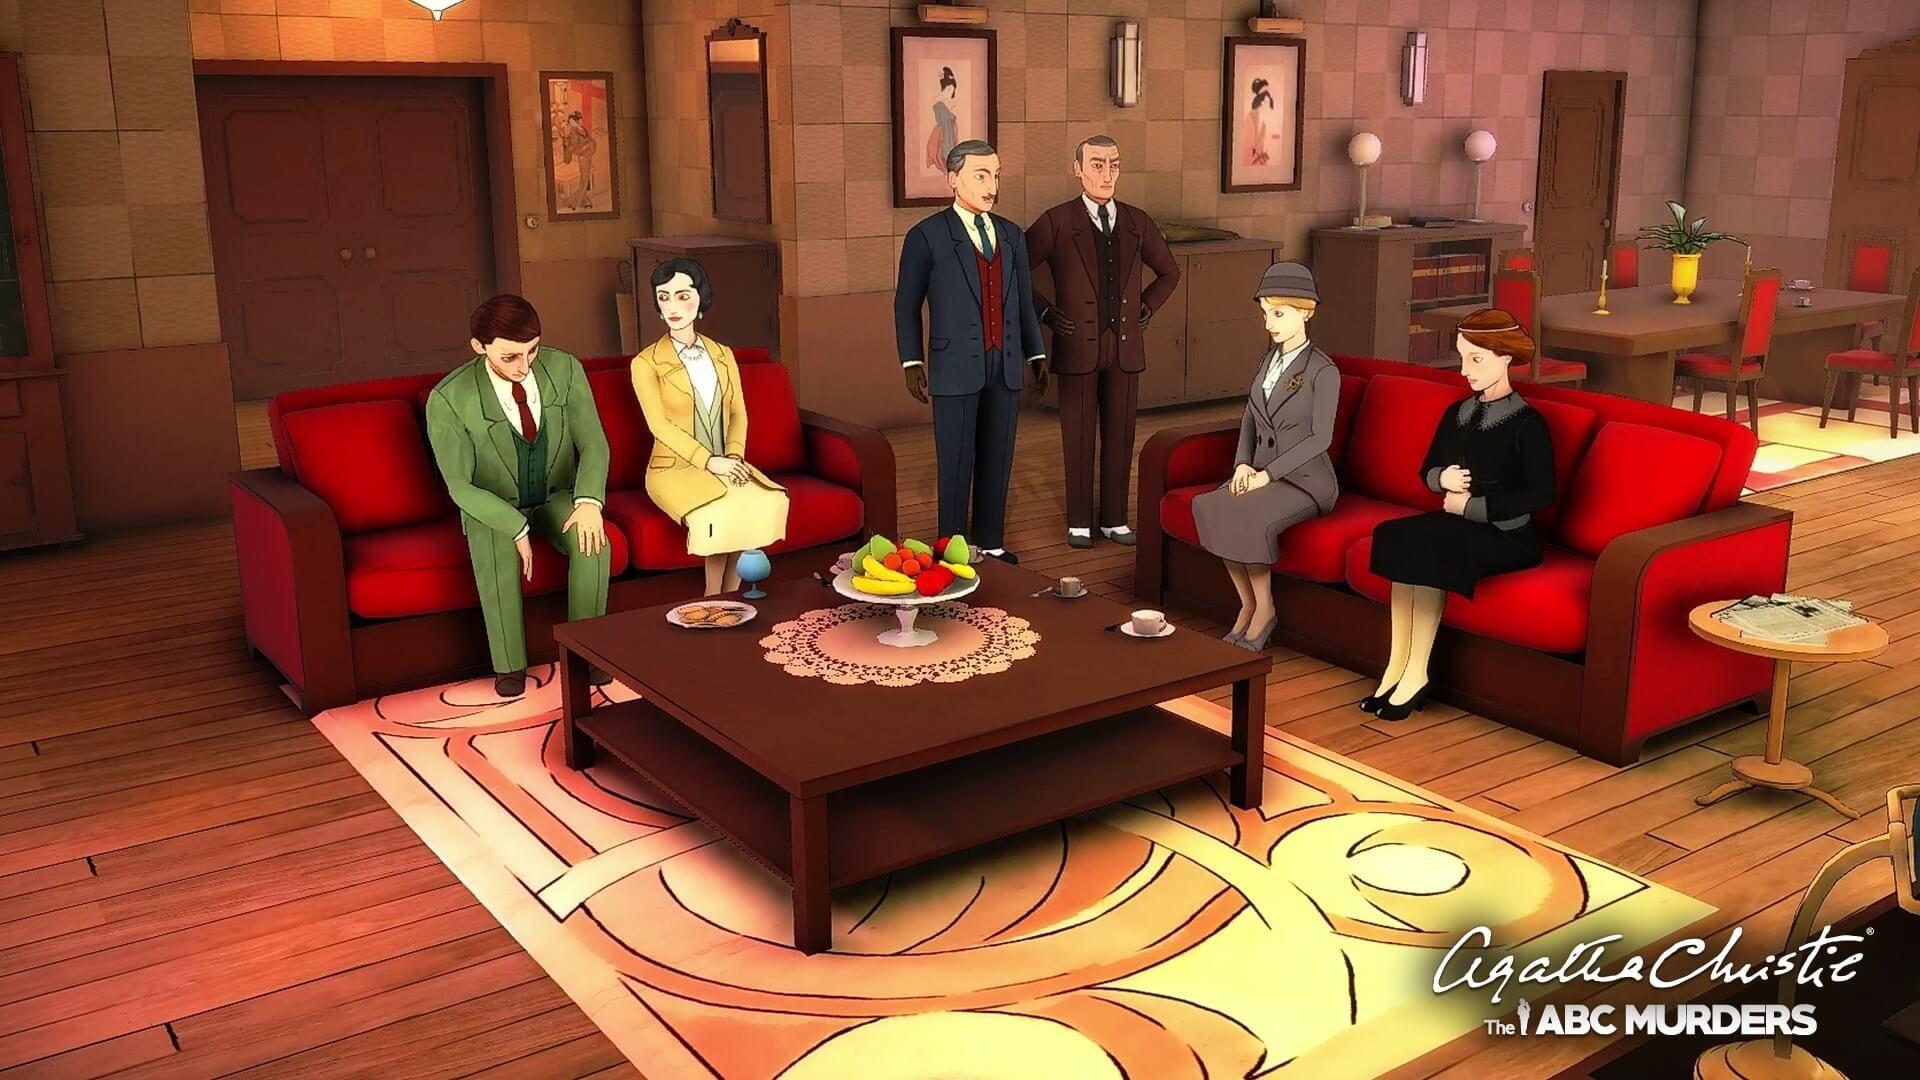 Agatha Christie: The ABC Murders (PC) - 8